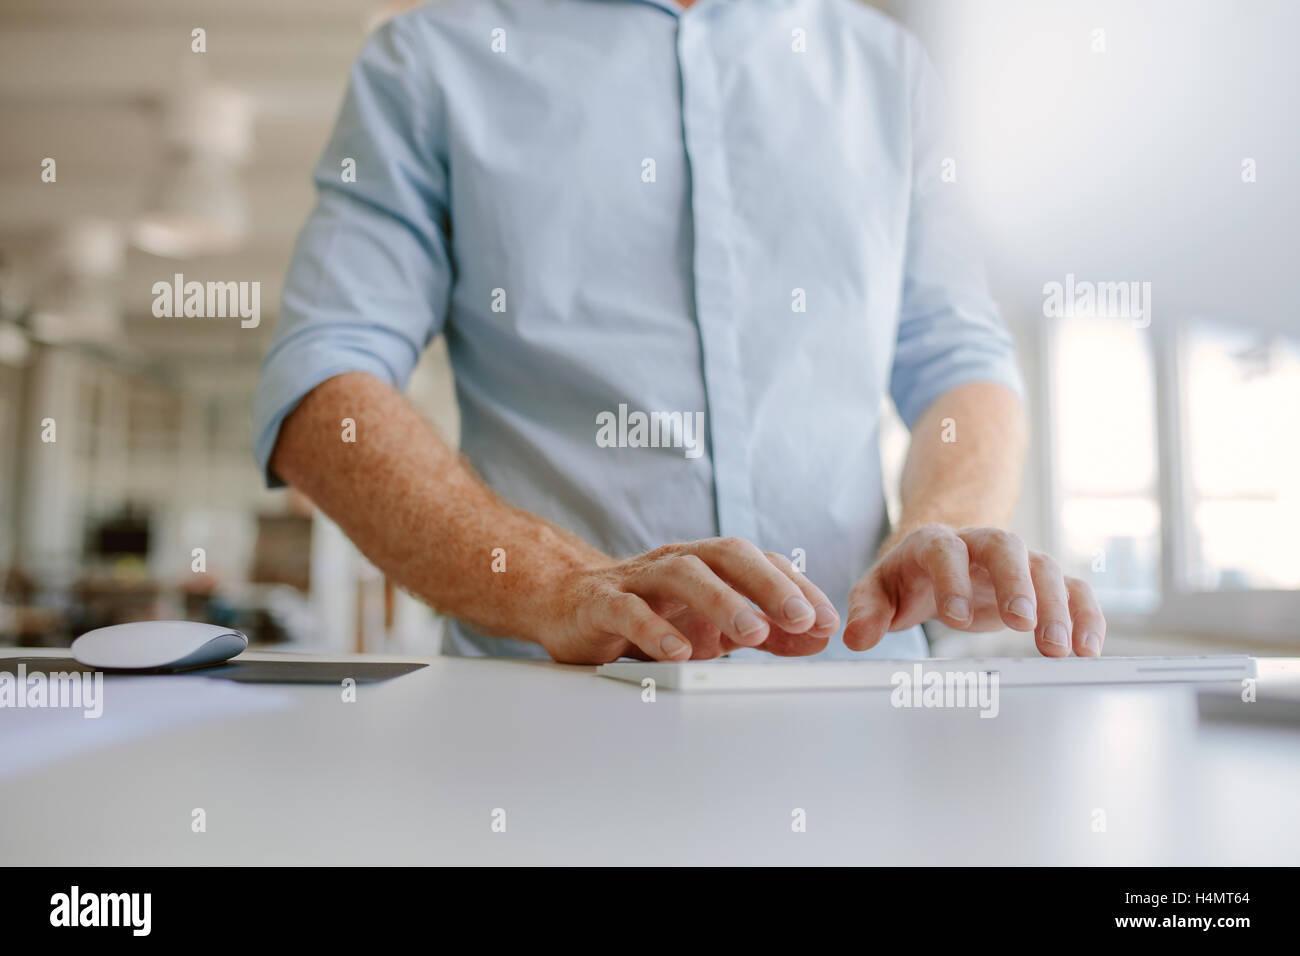 Cerca del empresario manos escribiendo en el teclado del ordenador. Captura recortada joven trabajando en un equipo Imagen De Stock